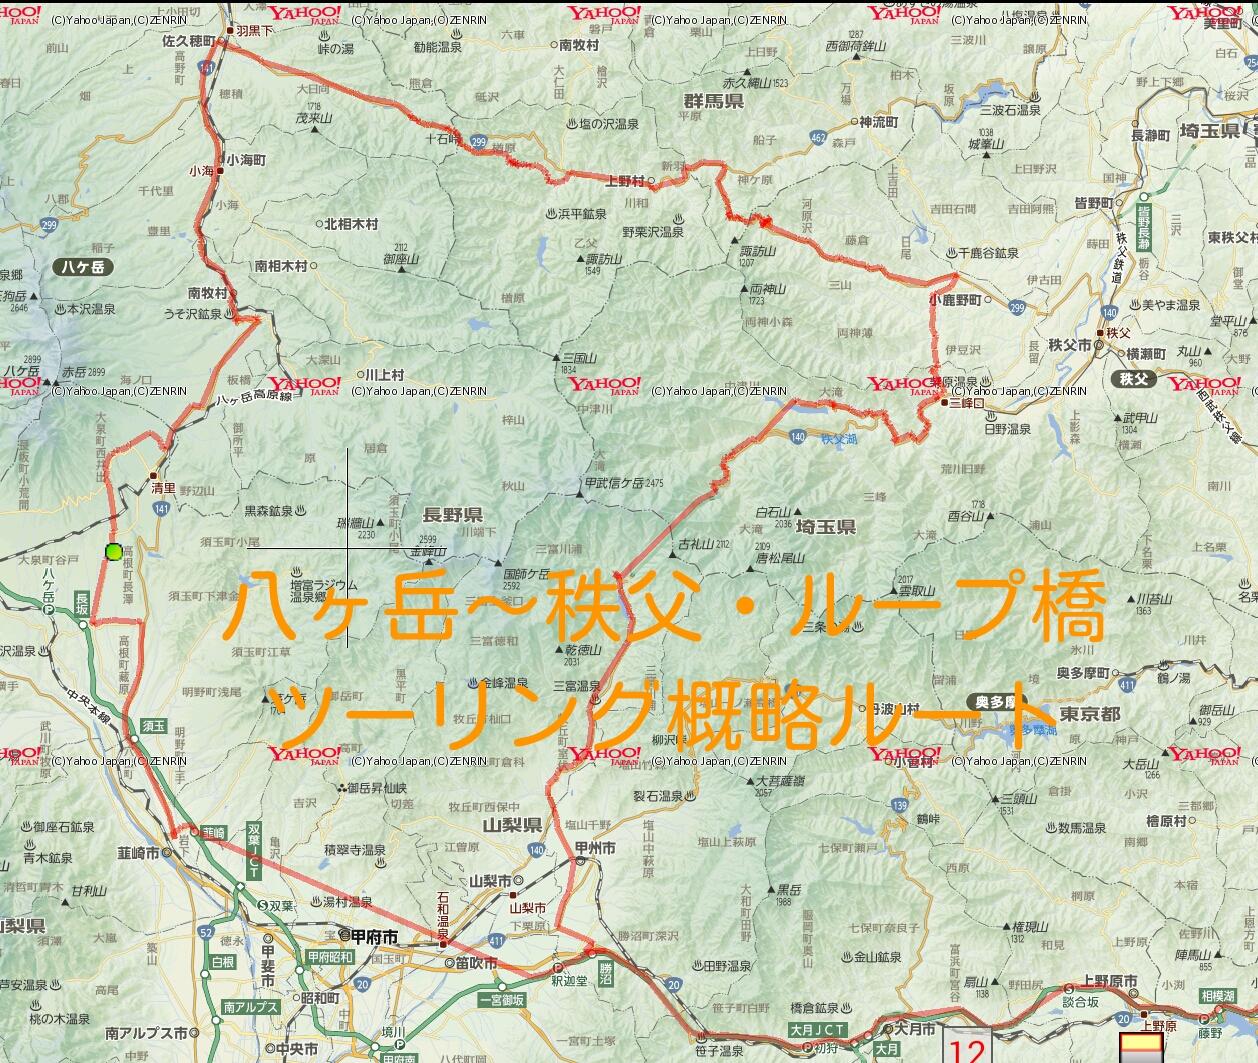 八ヶ岳~秩父・ループ橋ツーリング概略ルート図